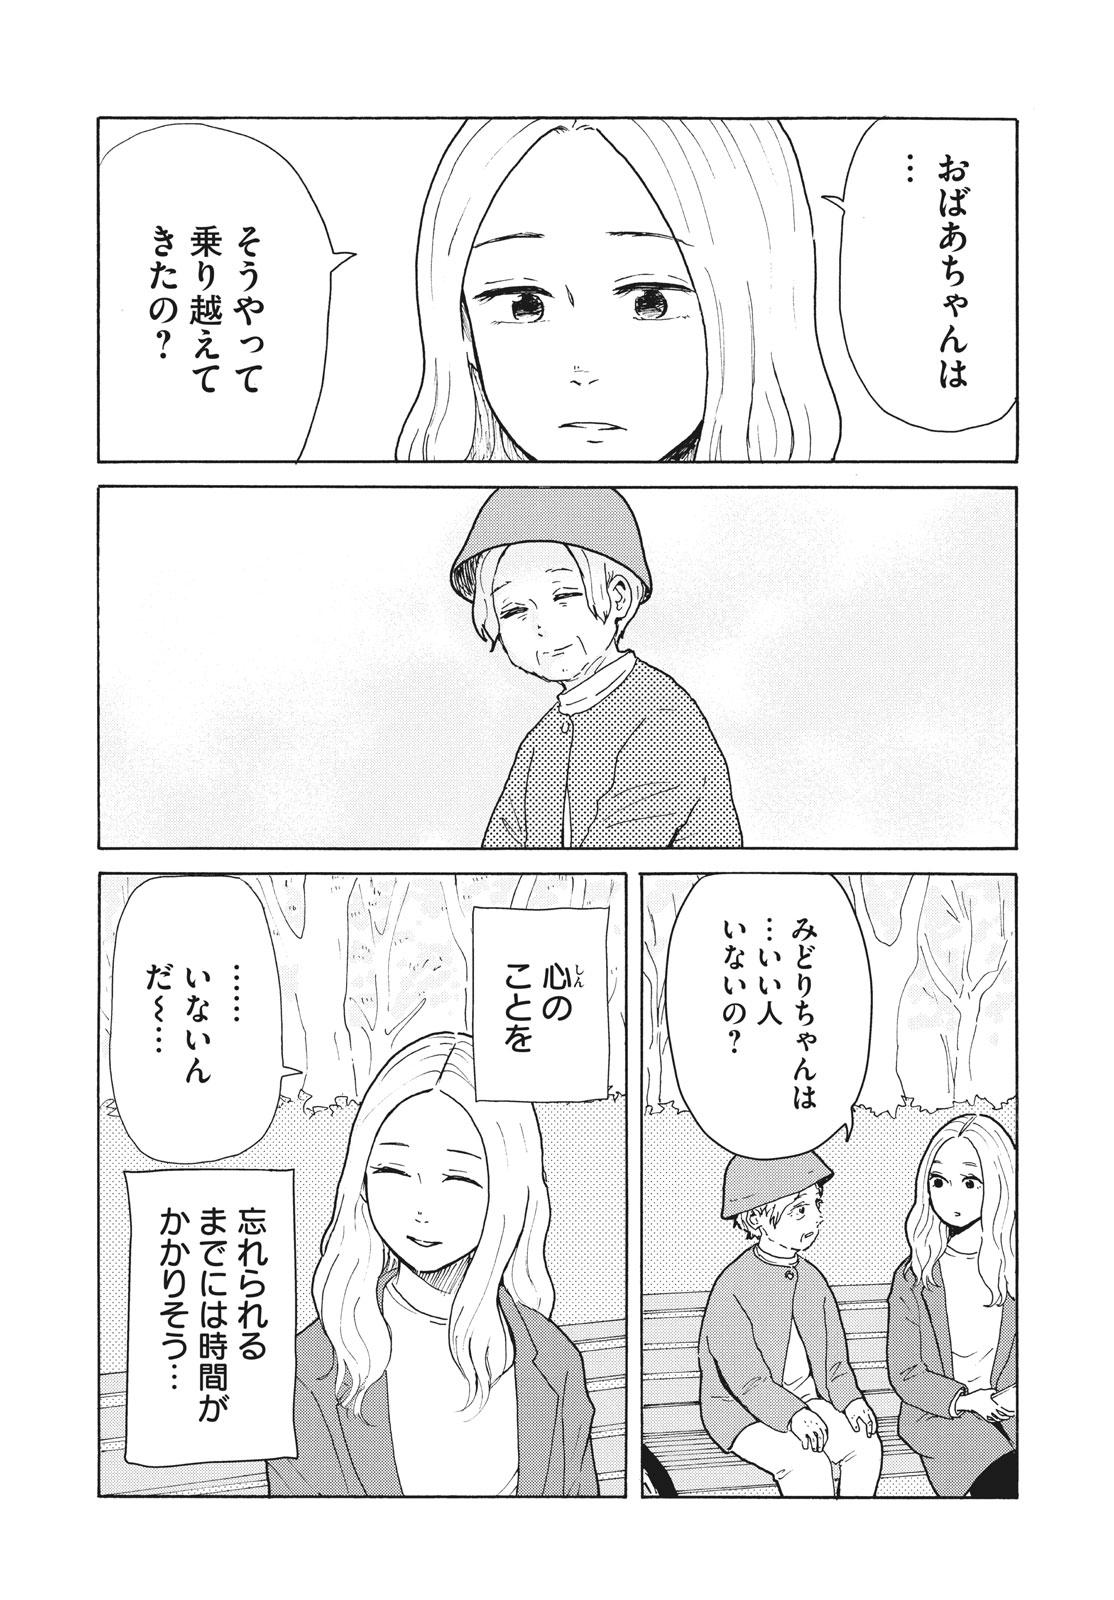 009_30日_2020_010_E.jpg